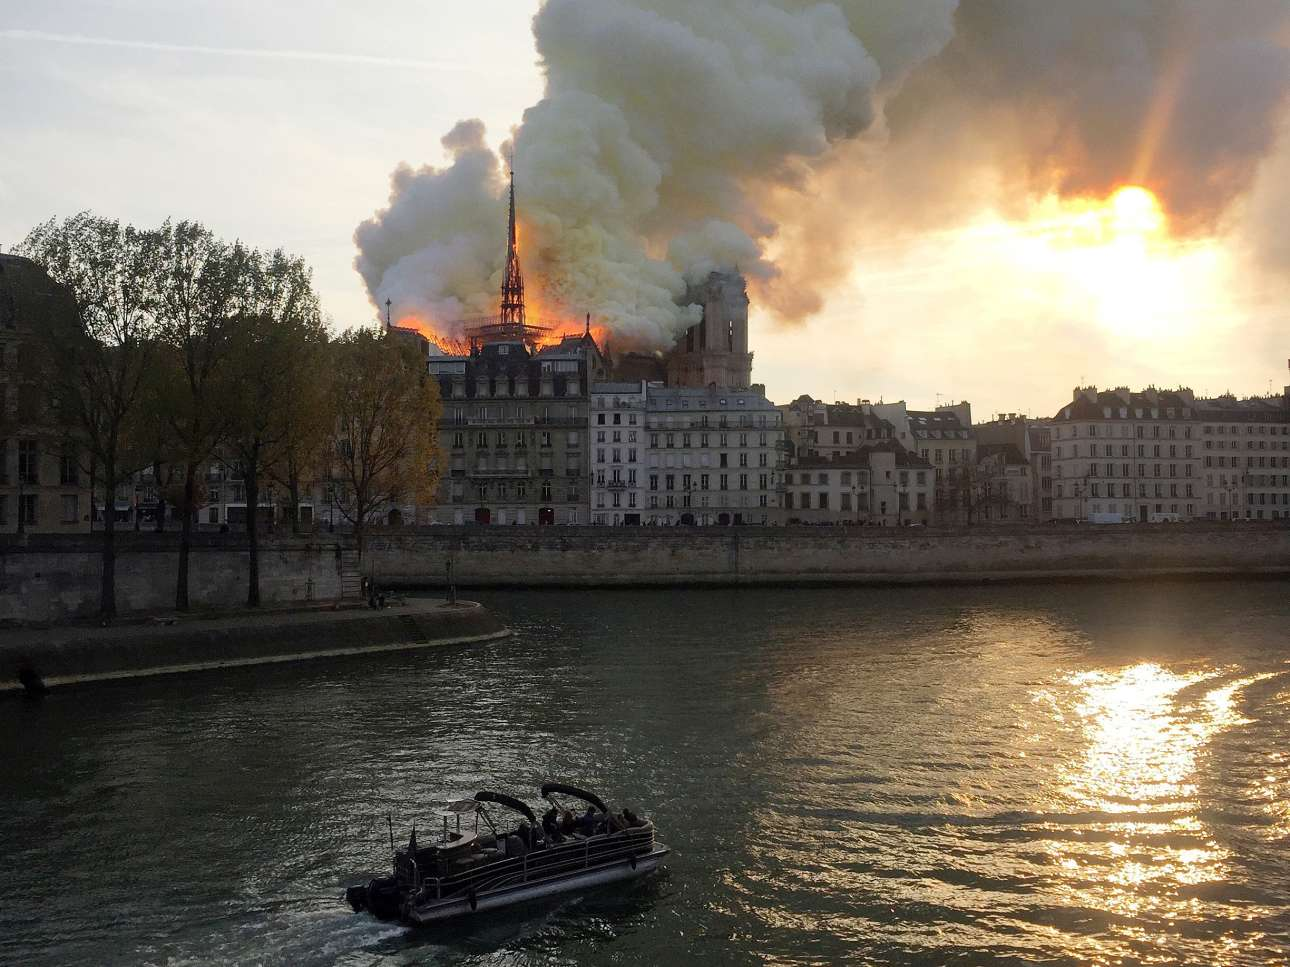 Η φλεγόμενη εκκλησία, όπως φαινόταν από τον Σηκουάνα, με τον πύργο να στέκεται ακόμα